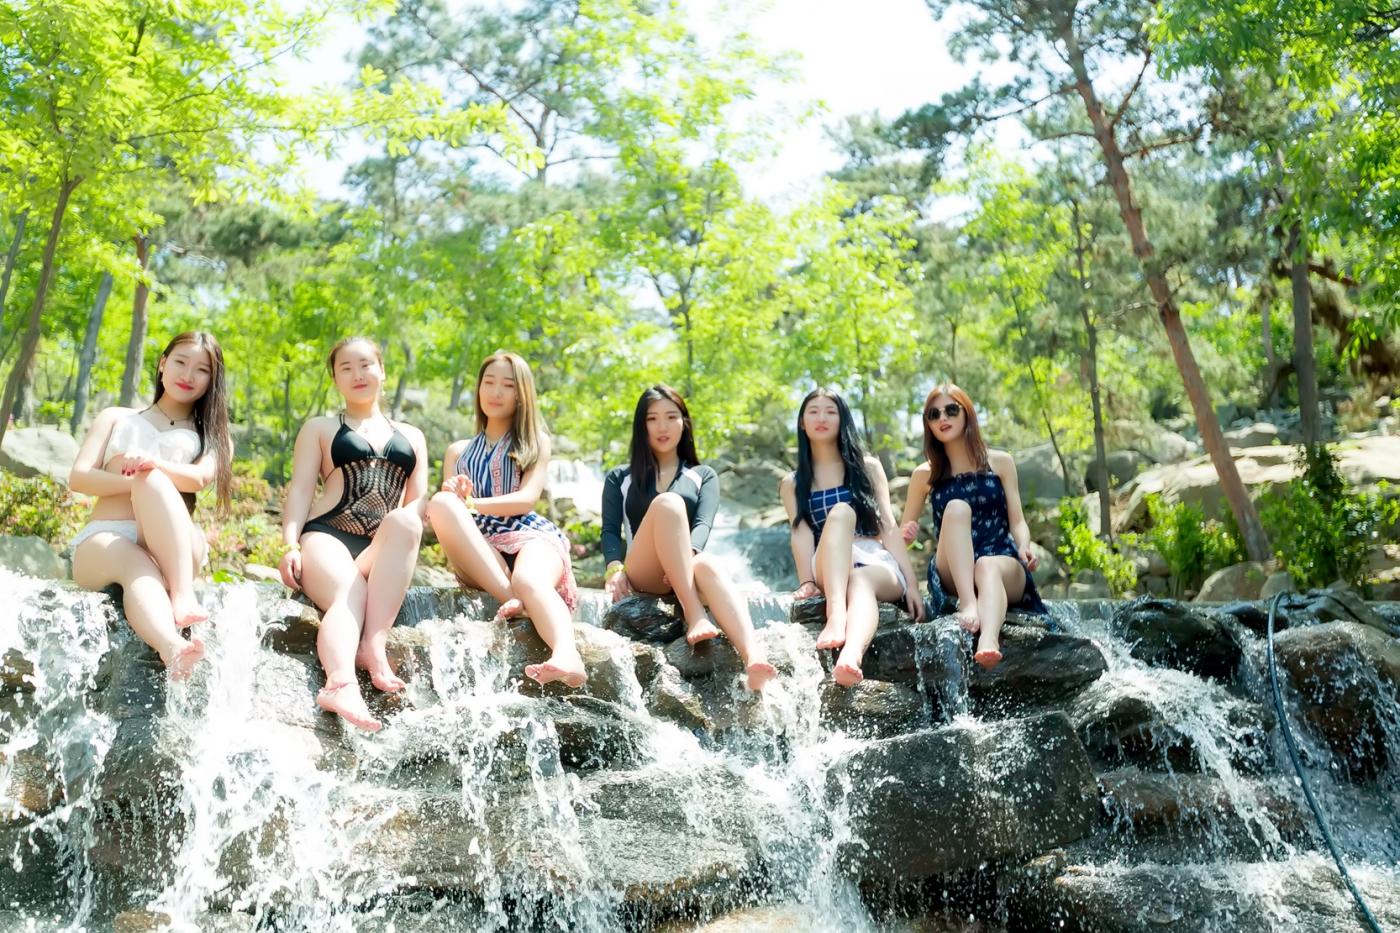 在临沂蒙山康谷温泉 与22位泳装女孩相遇在这里_图1-25